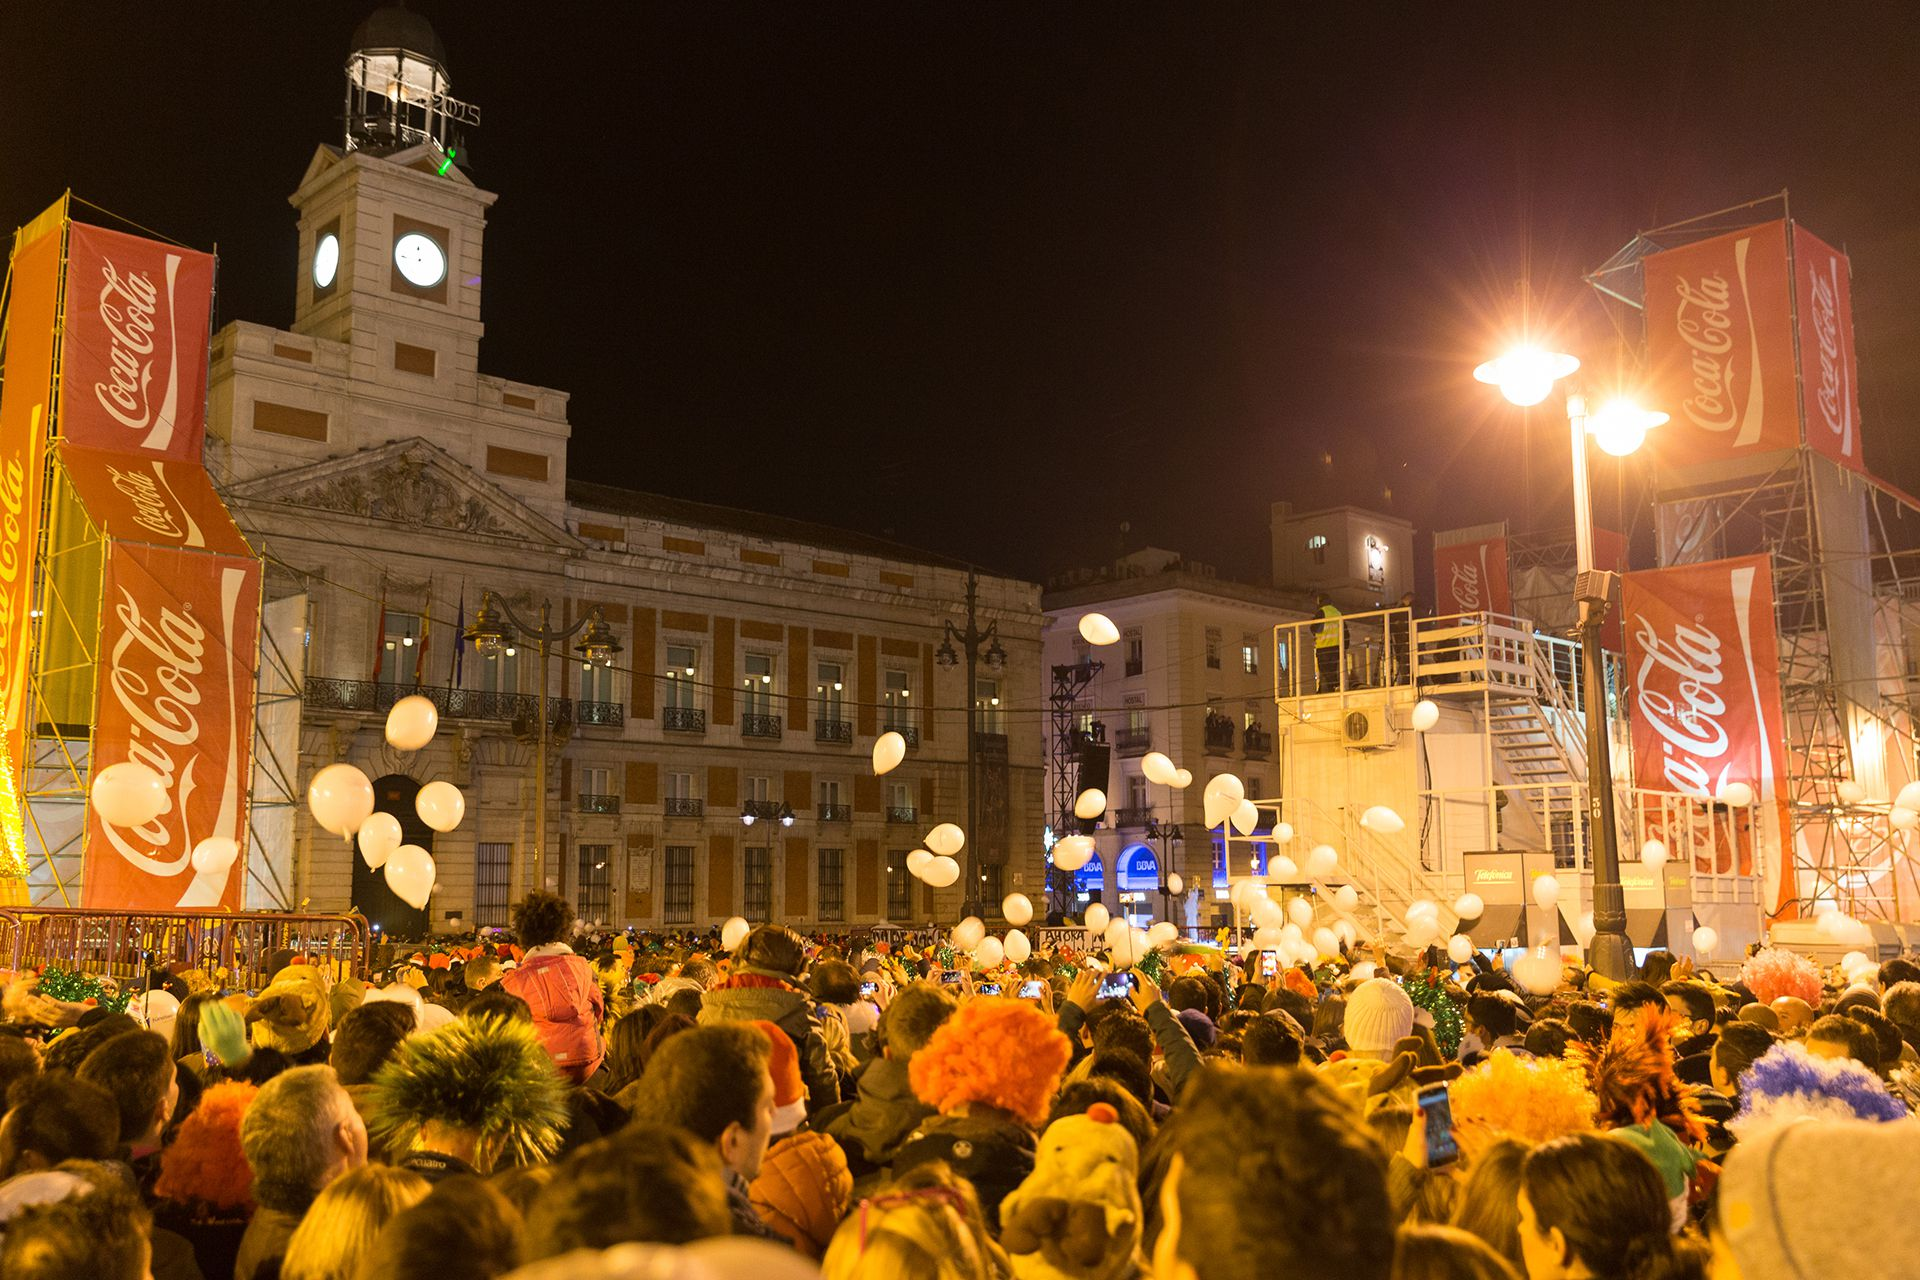 La Puerta del Sol se convierte cada año en el epicentro de la Nochevieja para todo el país (Shutterstock)